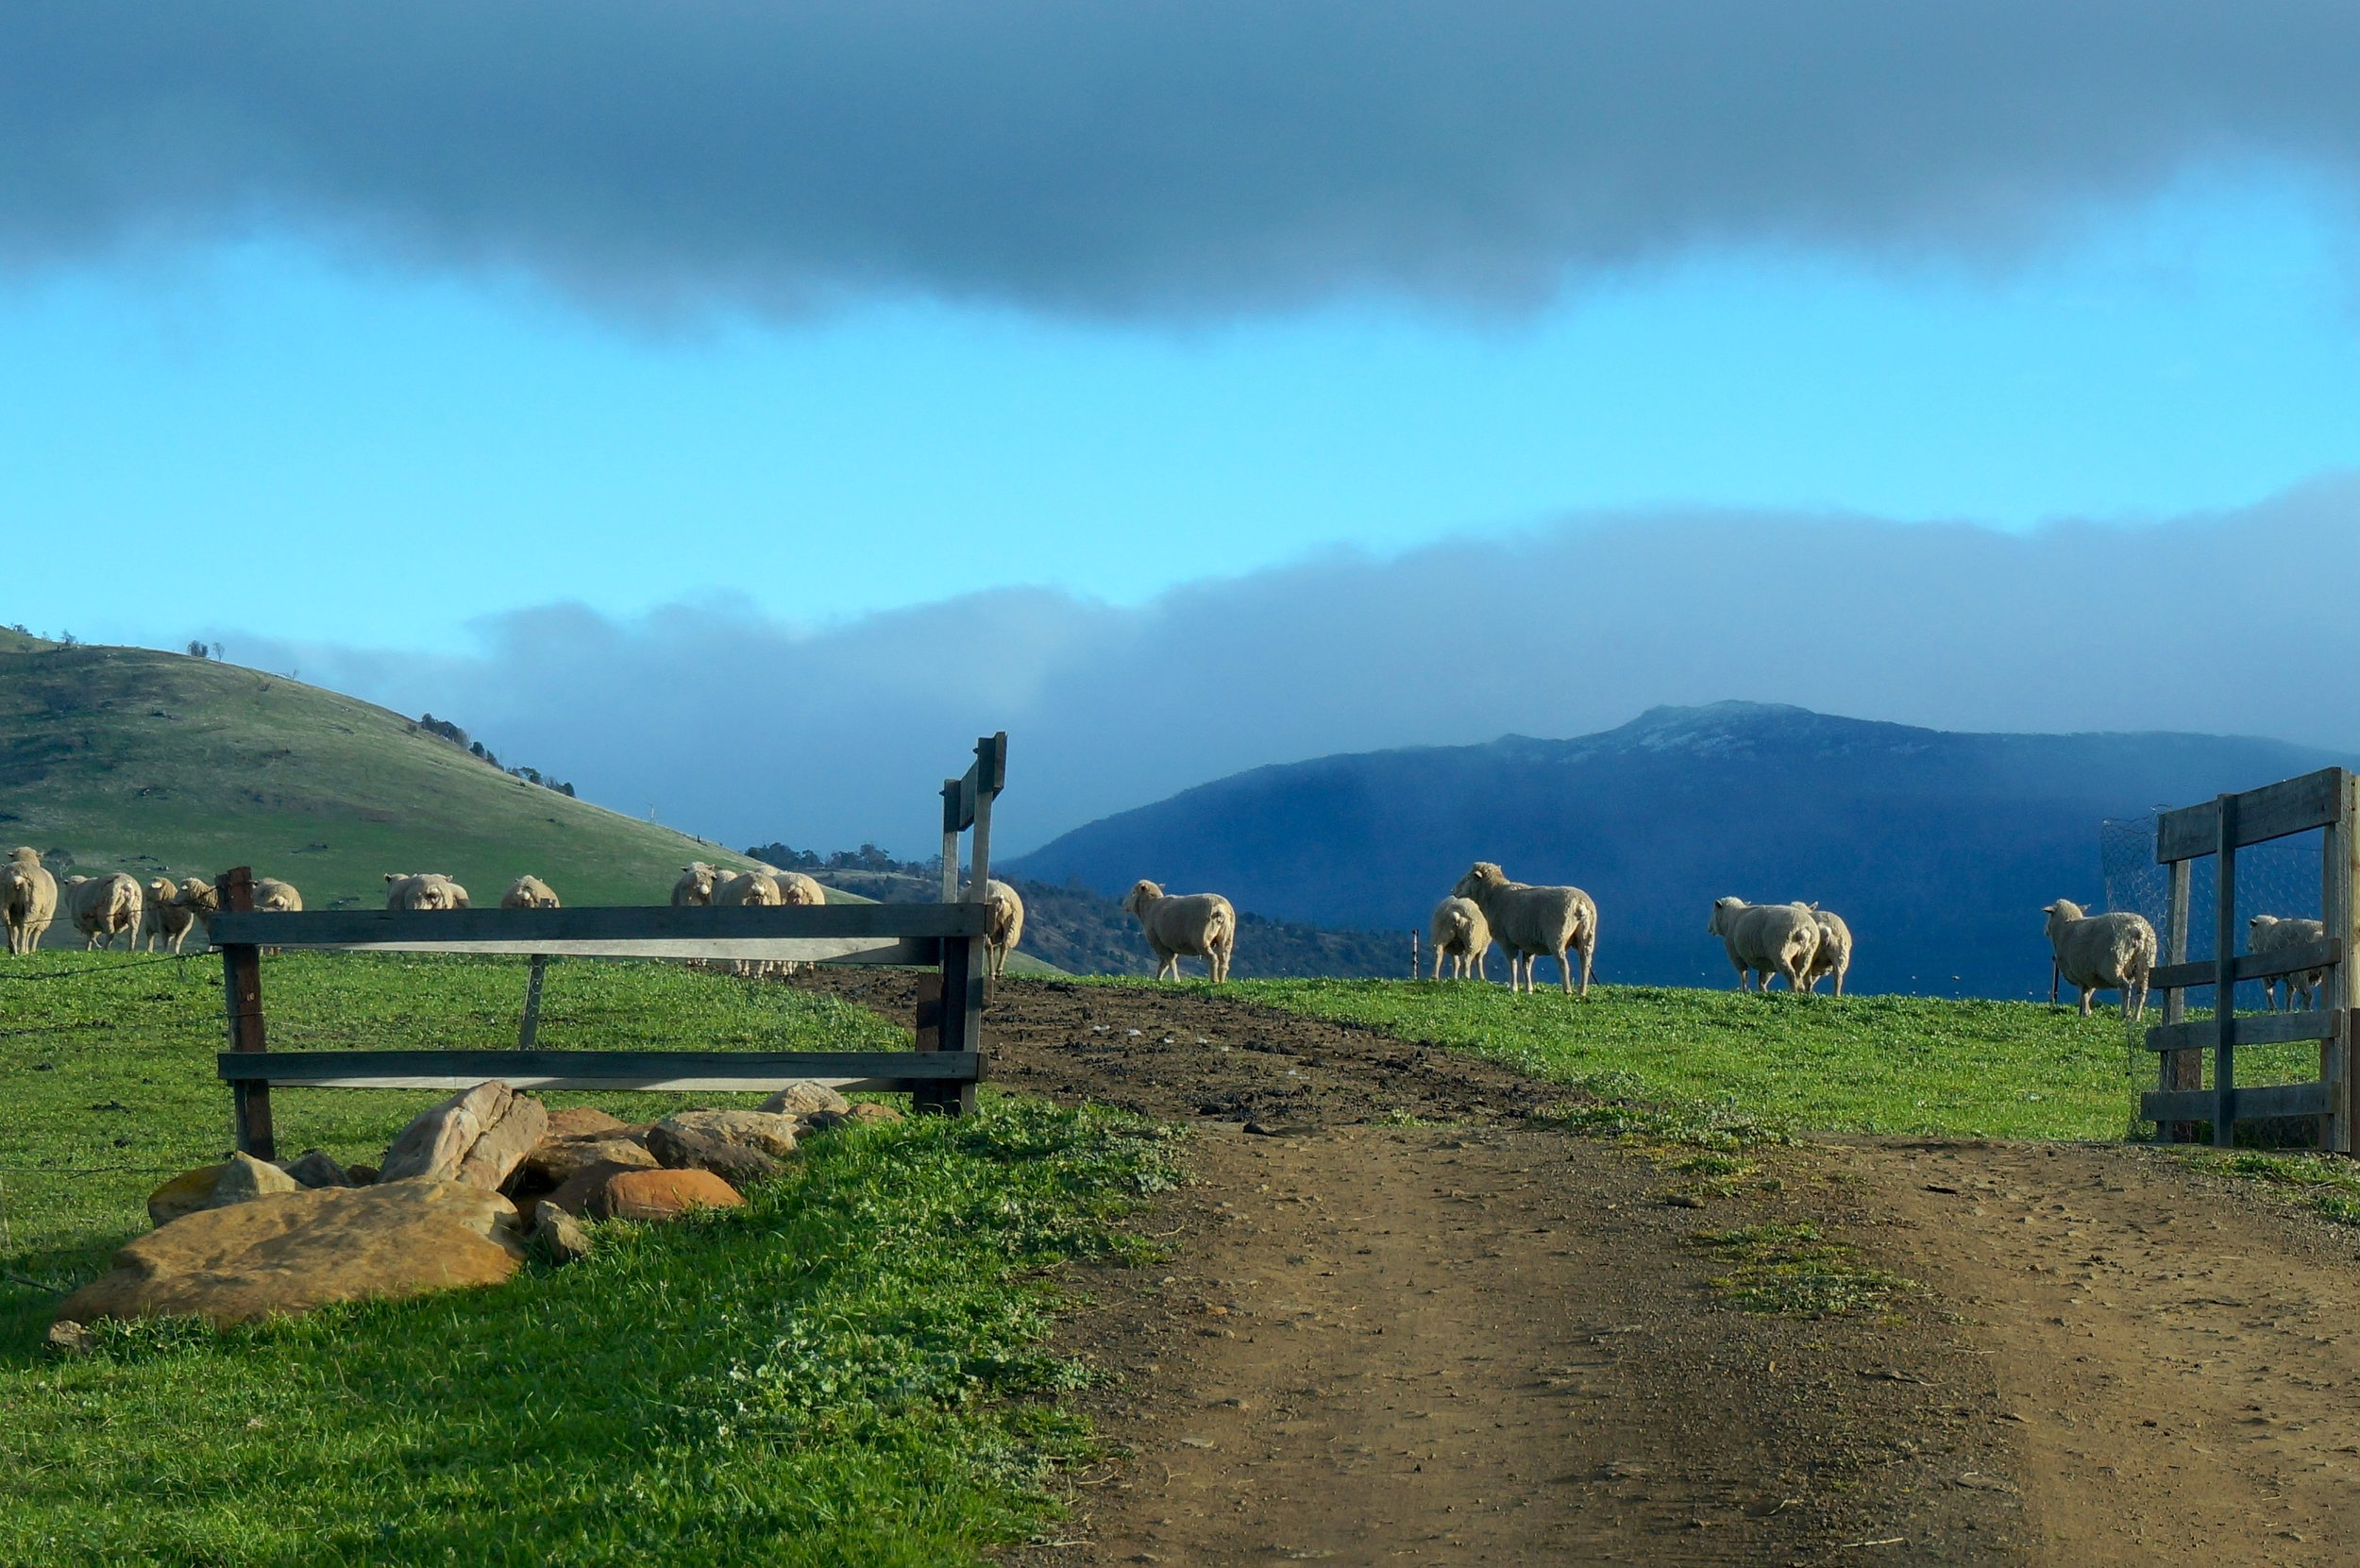 Carringa-Farm-3-Heidi-Sze-Apples-Under-My-Bed.jpg